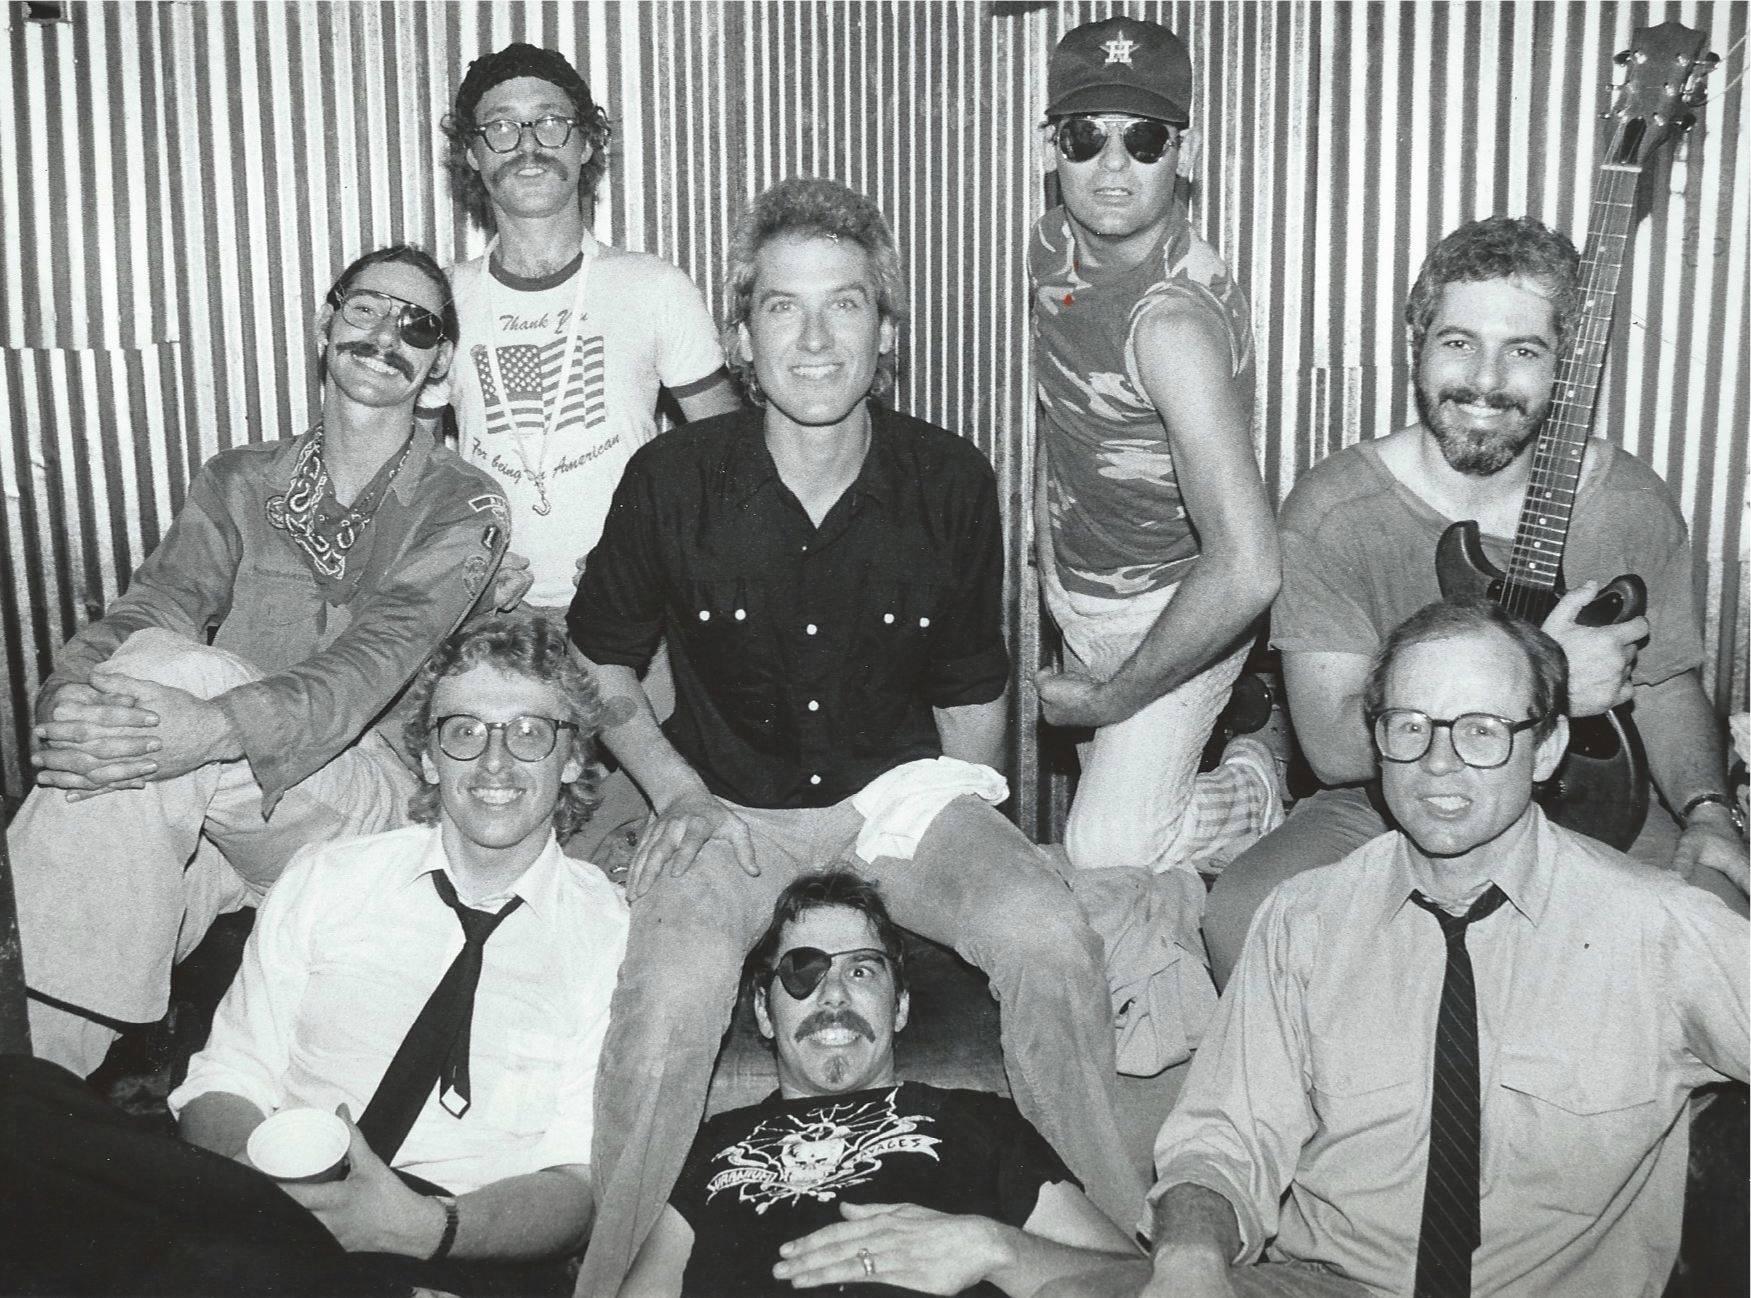 Uranium Savages - Club Foot - 1980